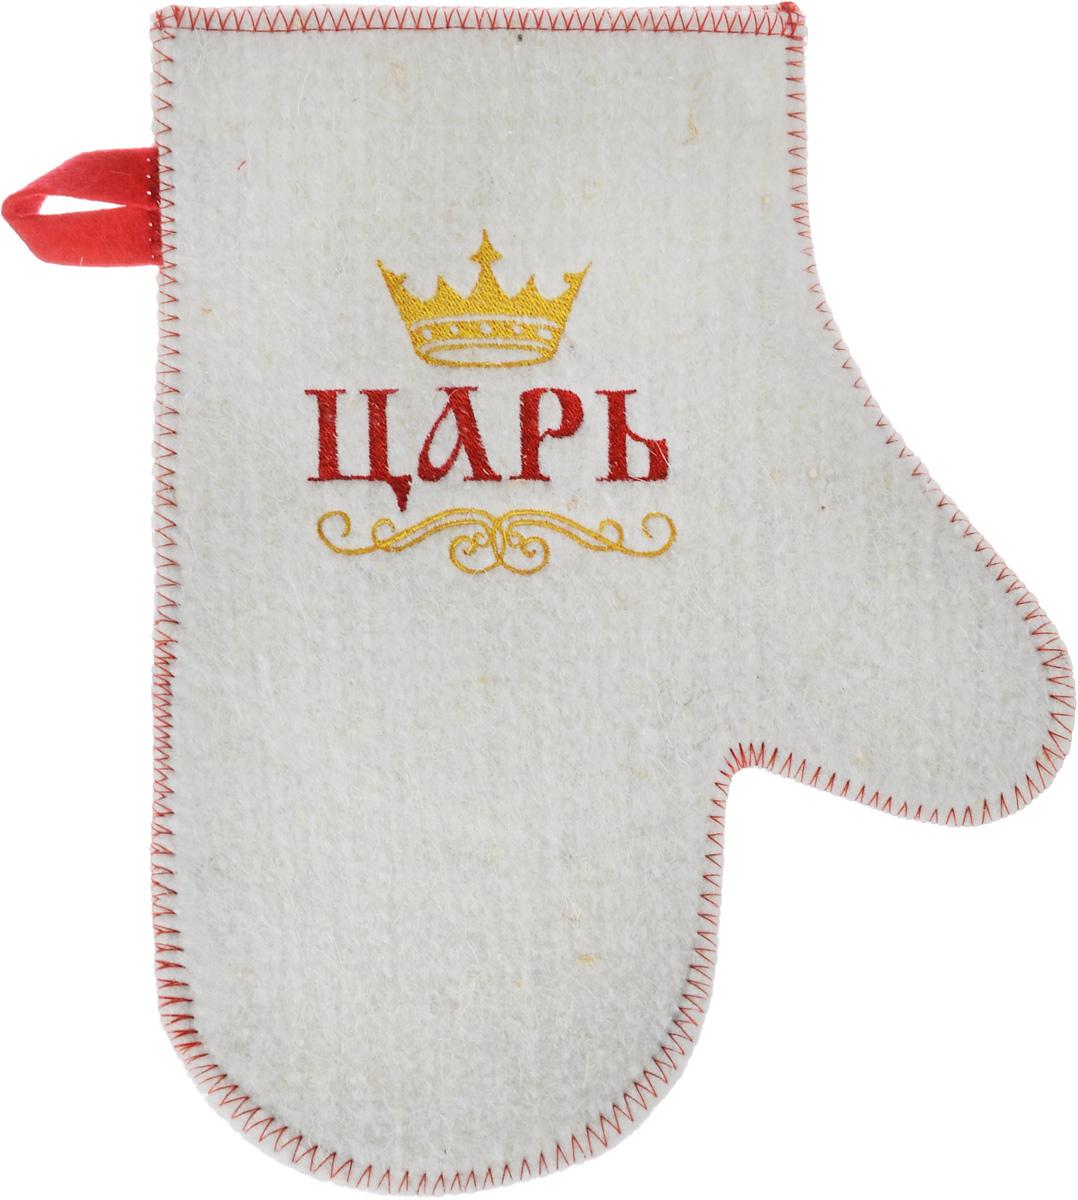 Рукавица для бани и сауны Главбаня ЦарьБ4304Рукавица Главбаня Царь, изготовленная из войлока, - незаменимый банный атрибут. Изделие декорировано ярким рисунком и оснащено петелькой для подвешивания на крючок. Такая рукавица защищает руки от горячего пара, делает комфортным пребывание в парной. Также ею можно прекрасно промассировать тело. Размер рукавицы: 23 х 28 см. Материал: войлок (50% шерсть, 50% полиэфир).